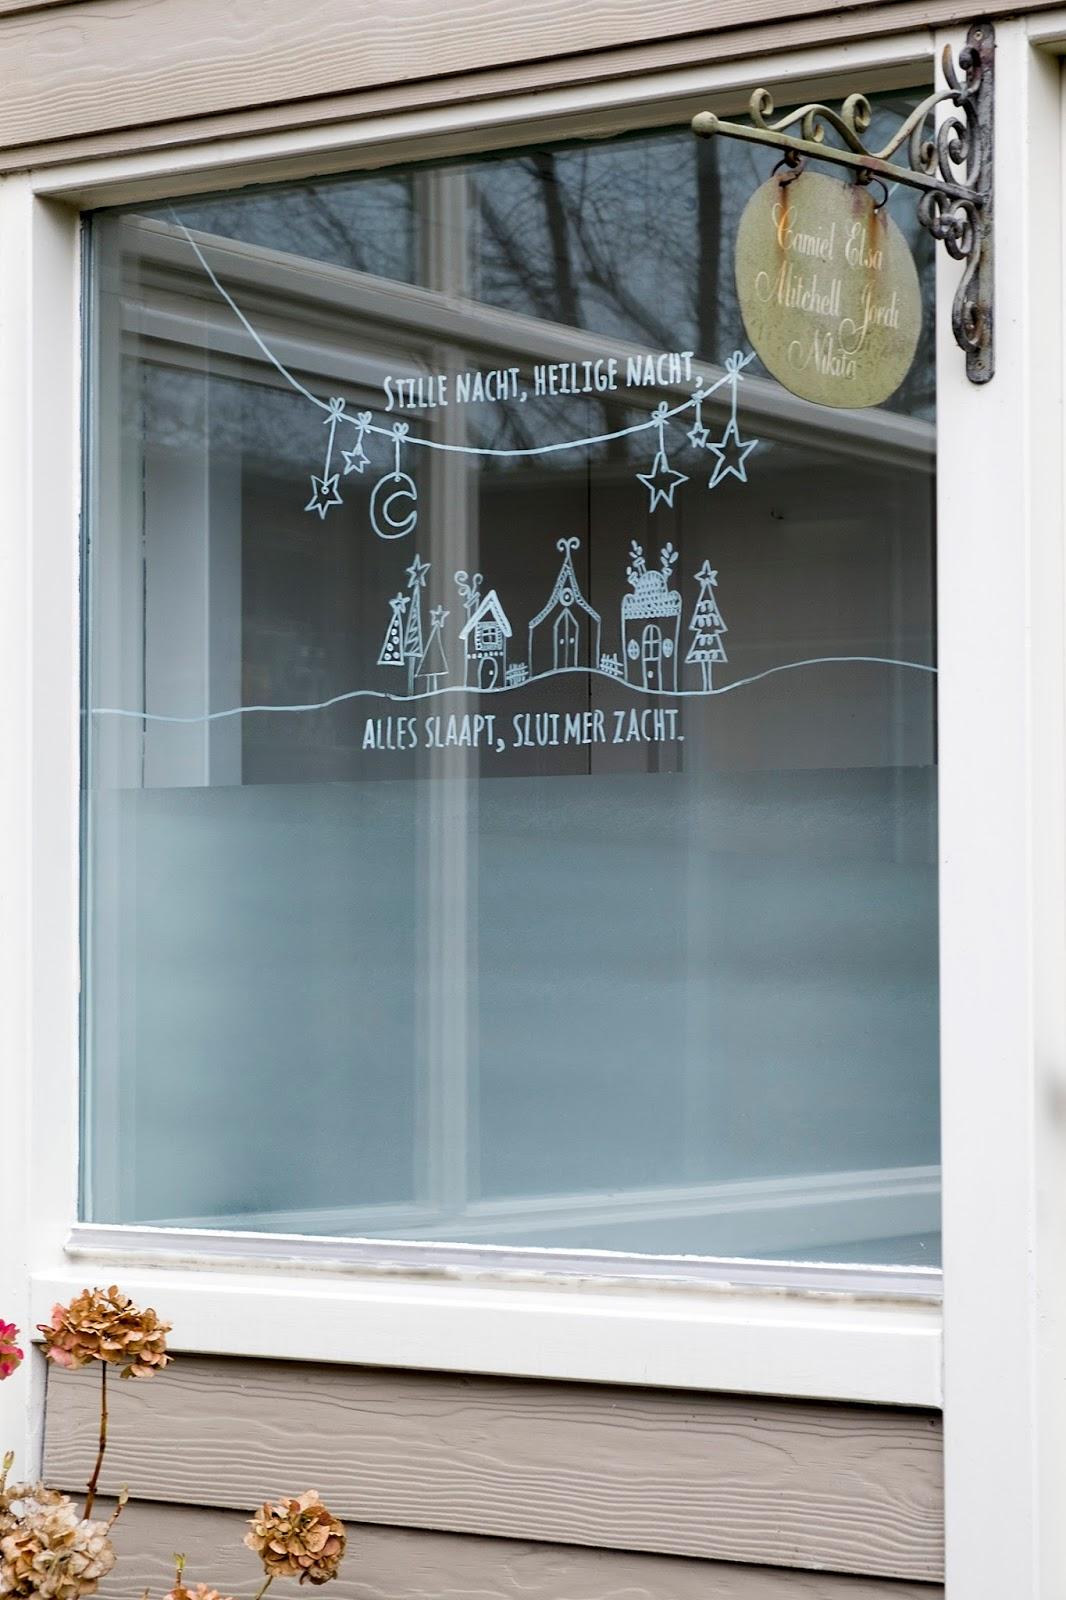 Hoe versier je raam met krijtstift